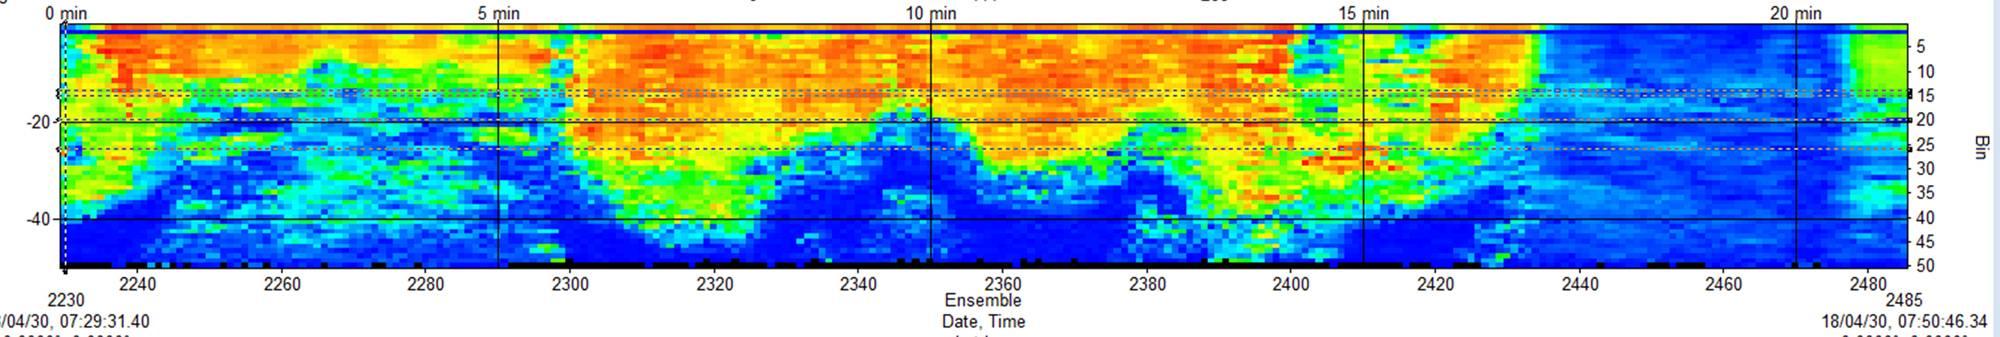 Islay Sound ADCP-Daten. Bild von MarynSol.